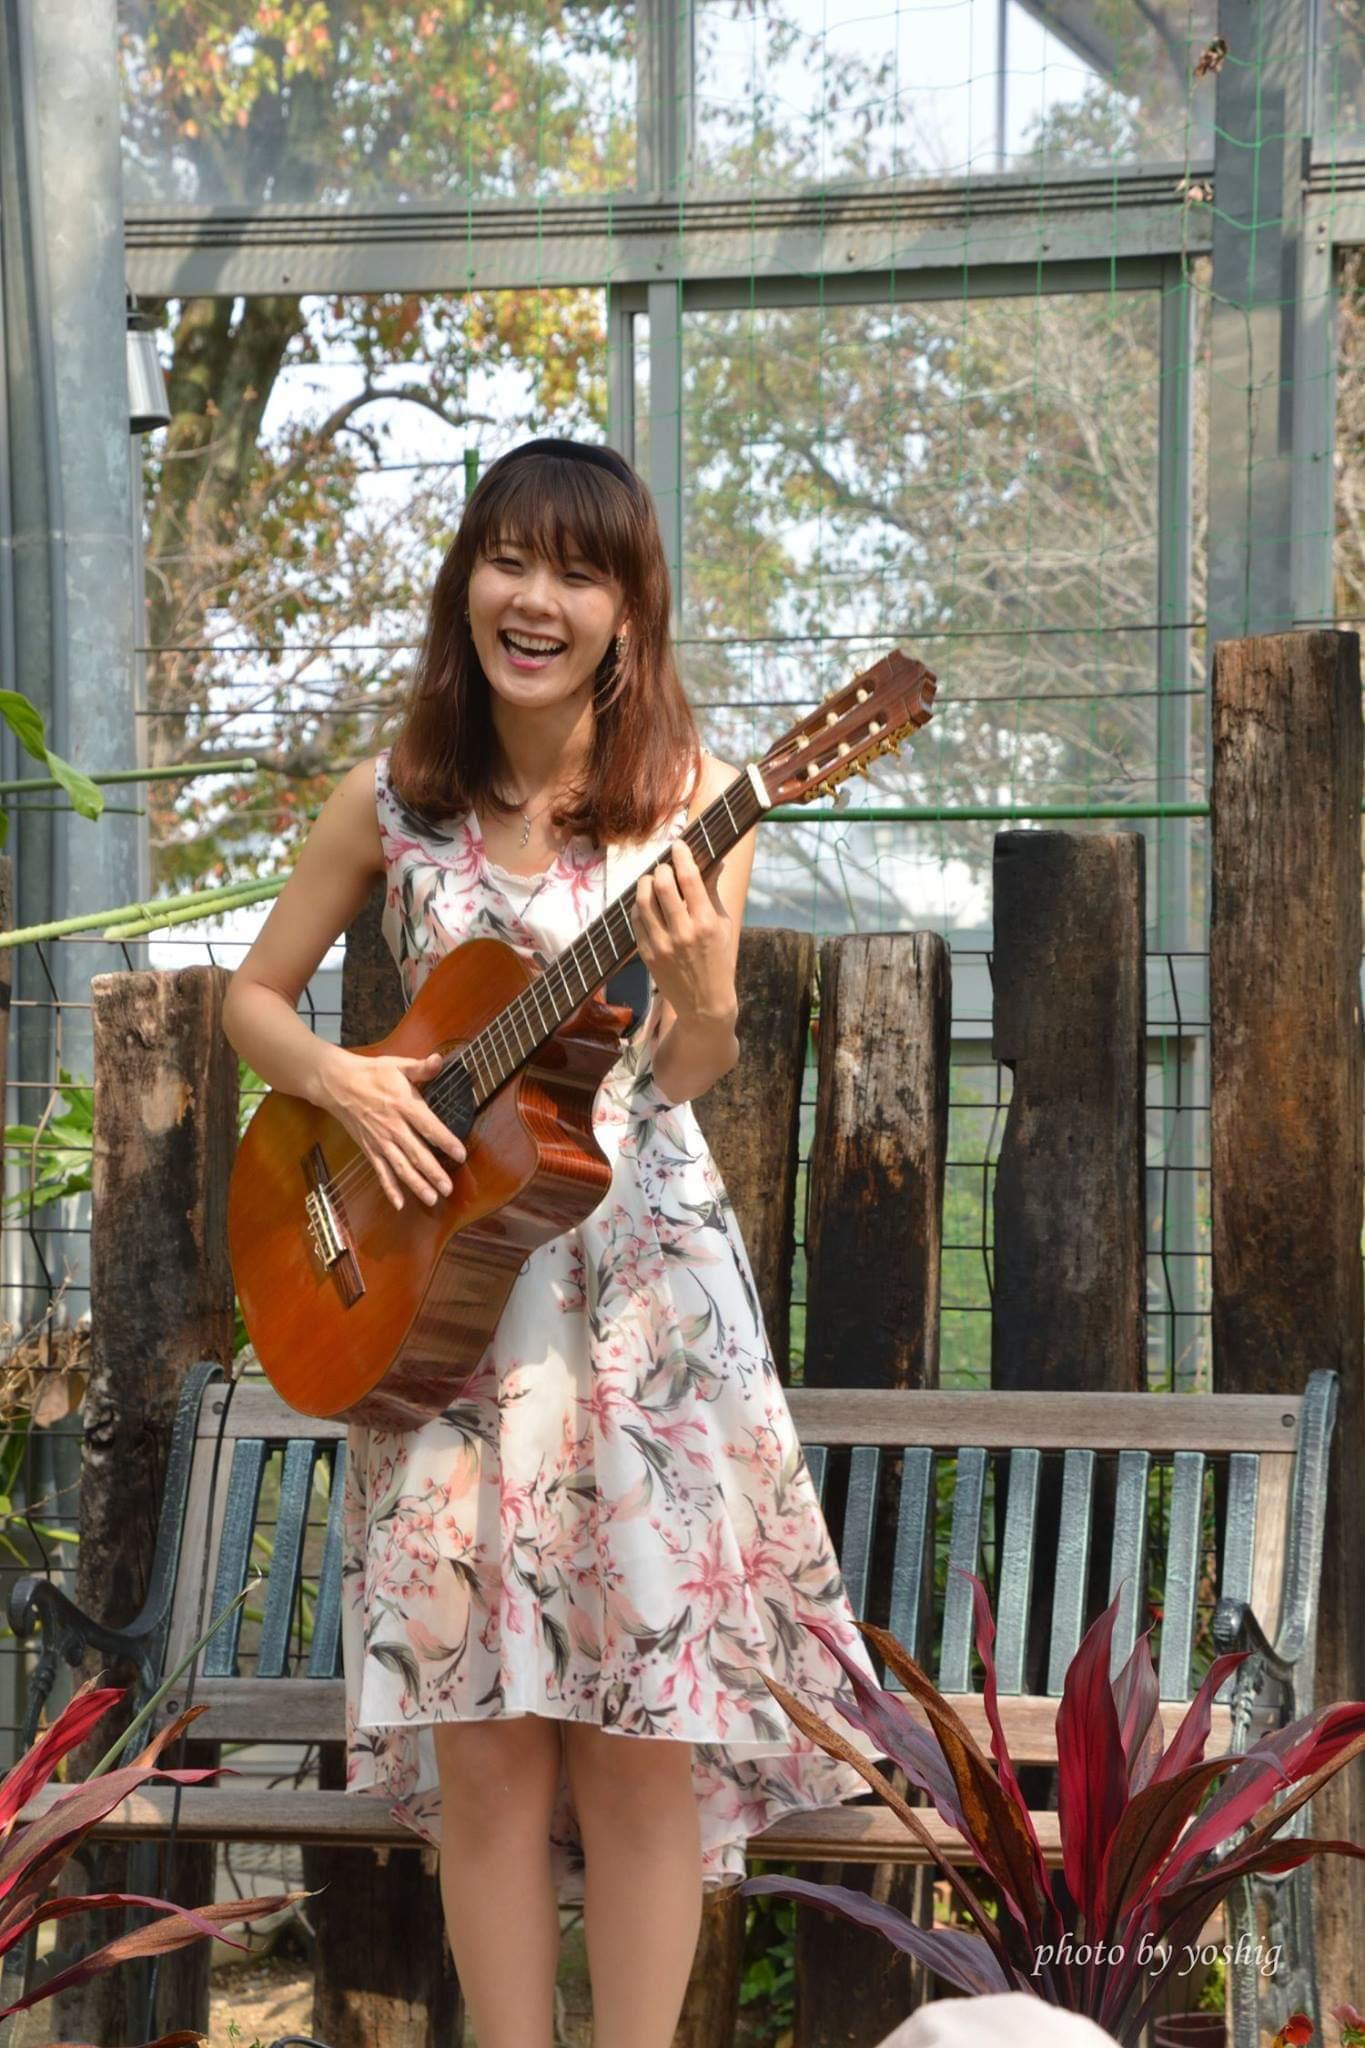 戸田川緑地 さくらまつり出演、ありがとうございました!_f0373339_12461005.jpg